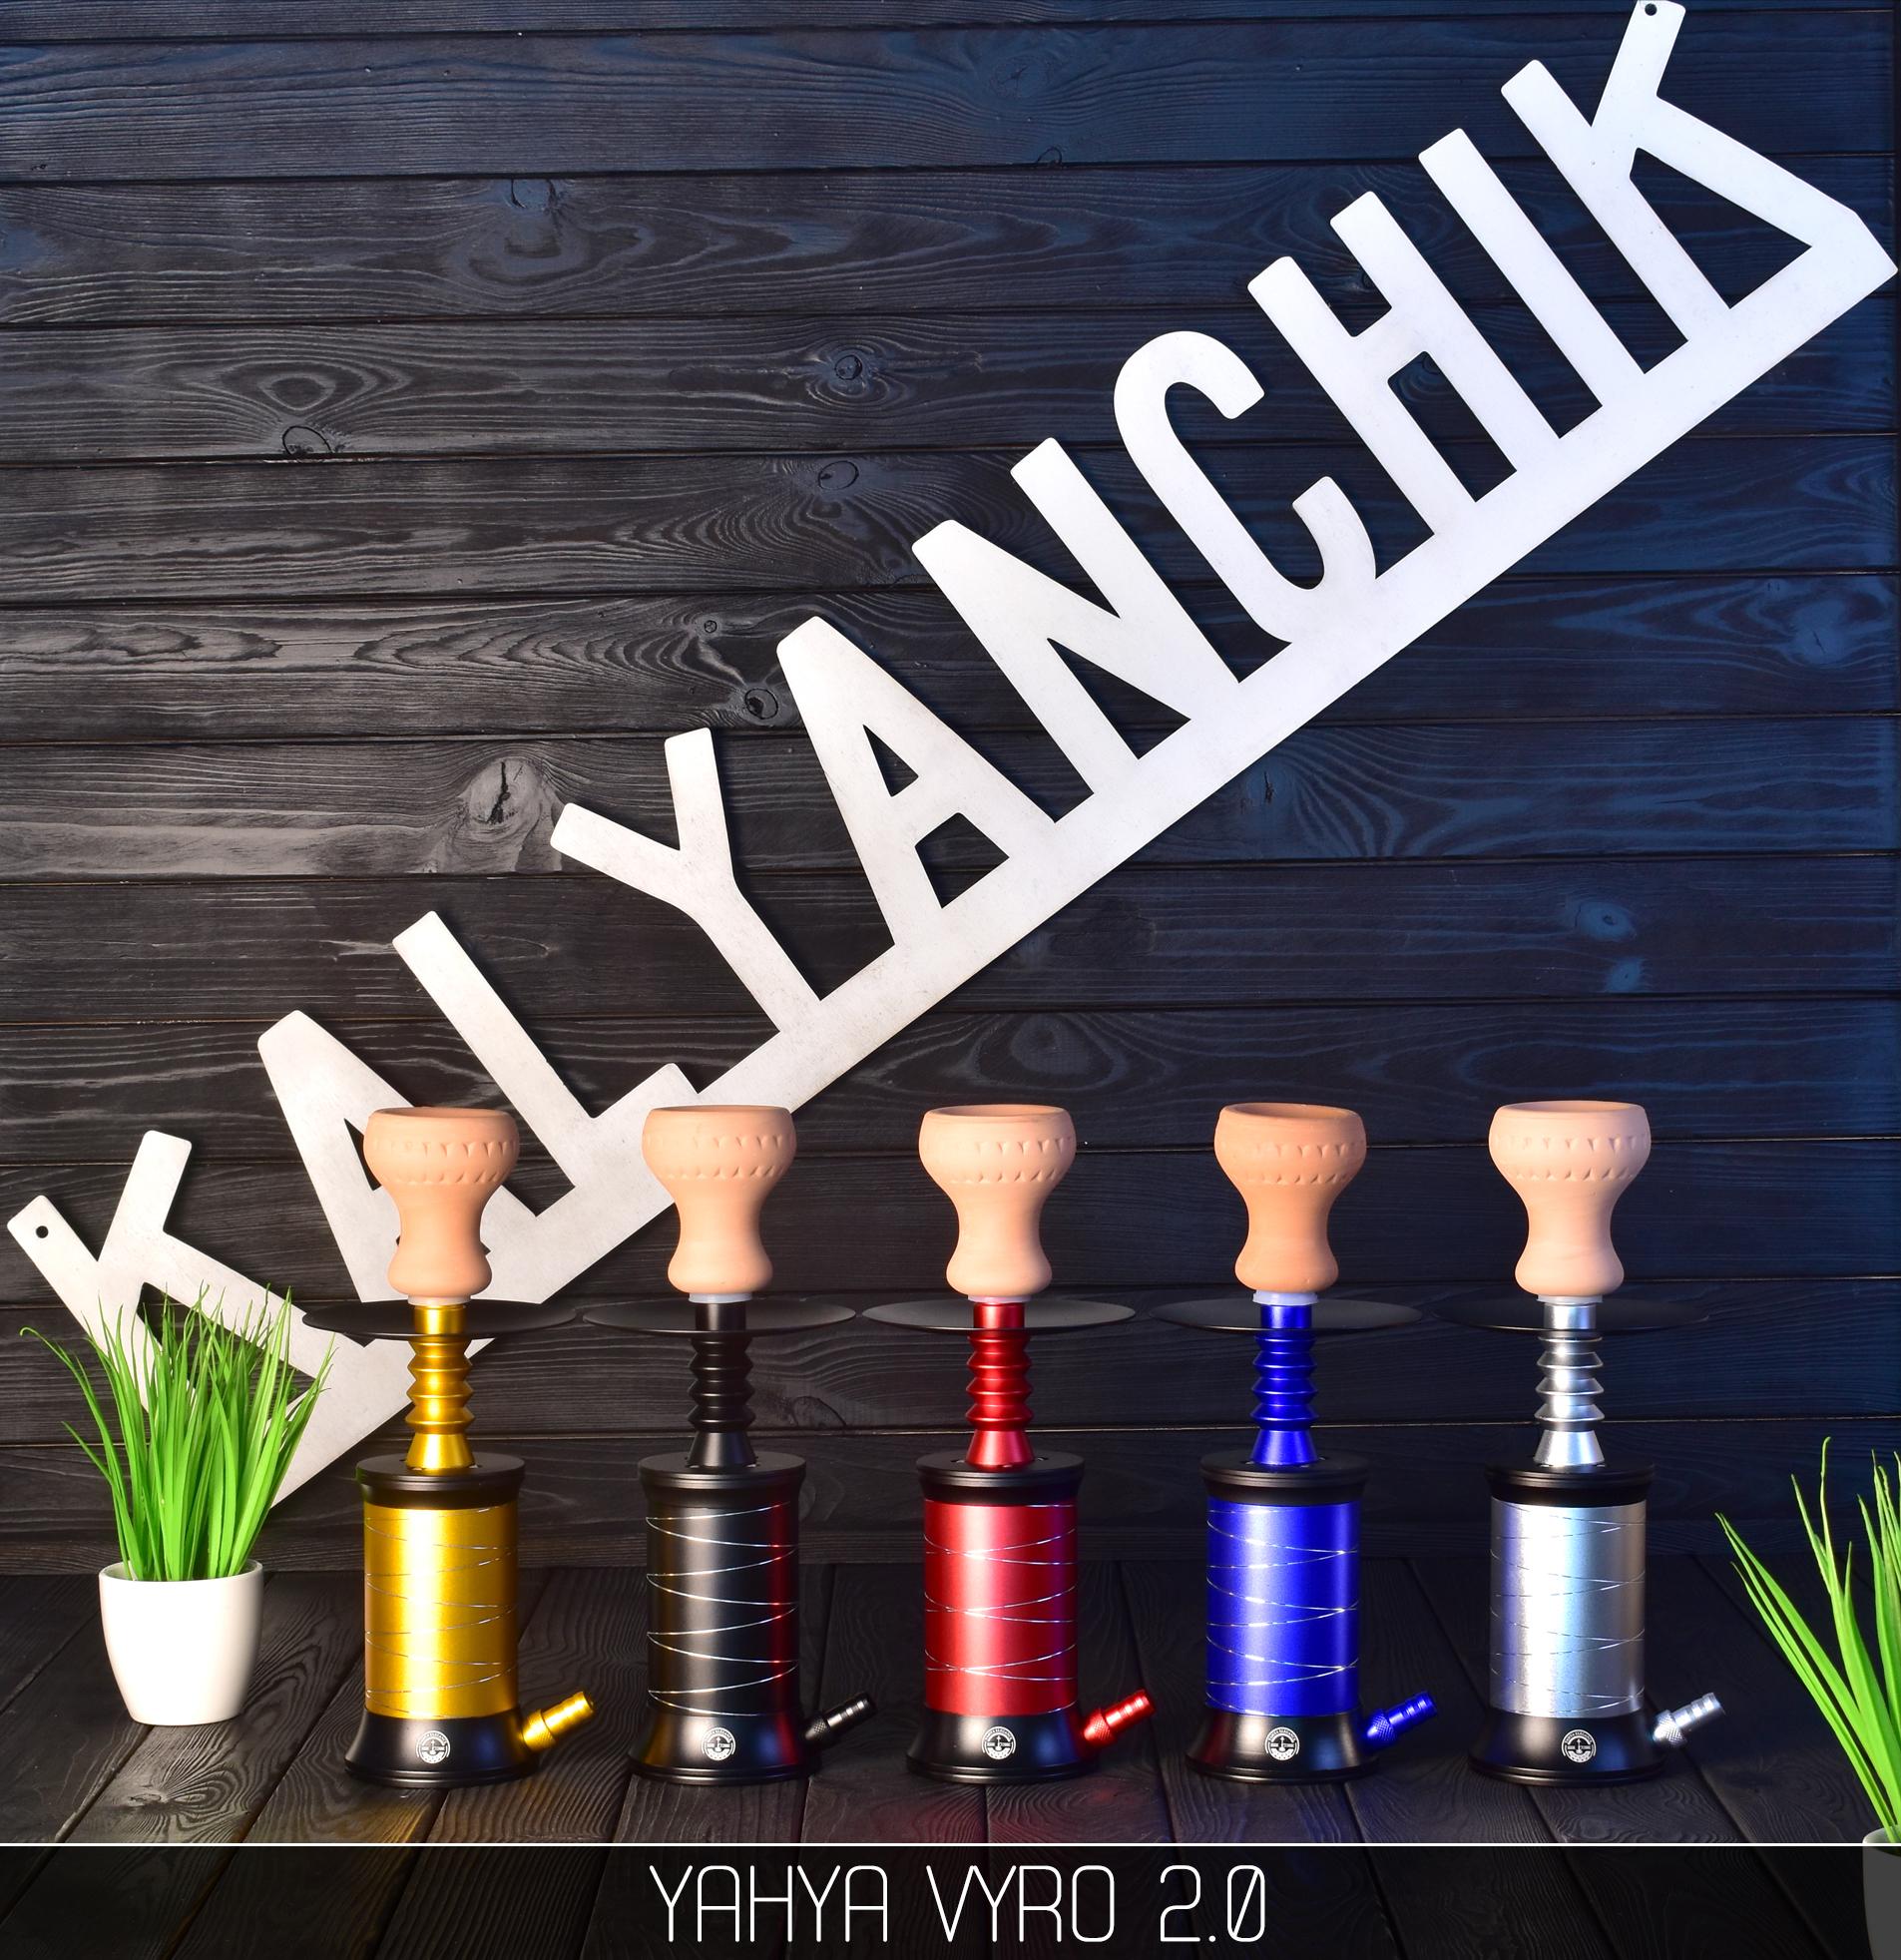 Кальян Yahya Vyro 2.0 - фото 8 - Kalyanchik.ua